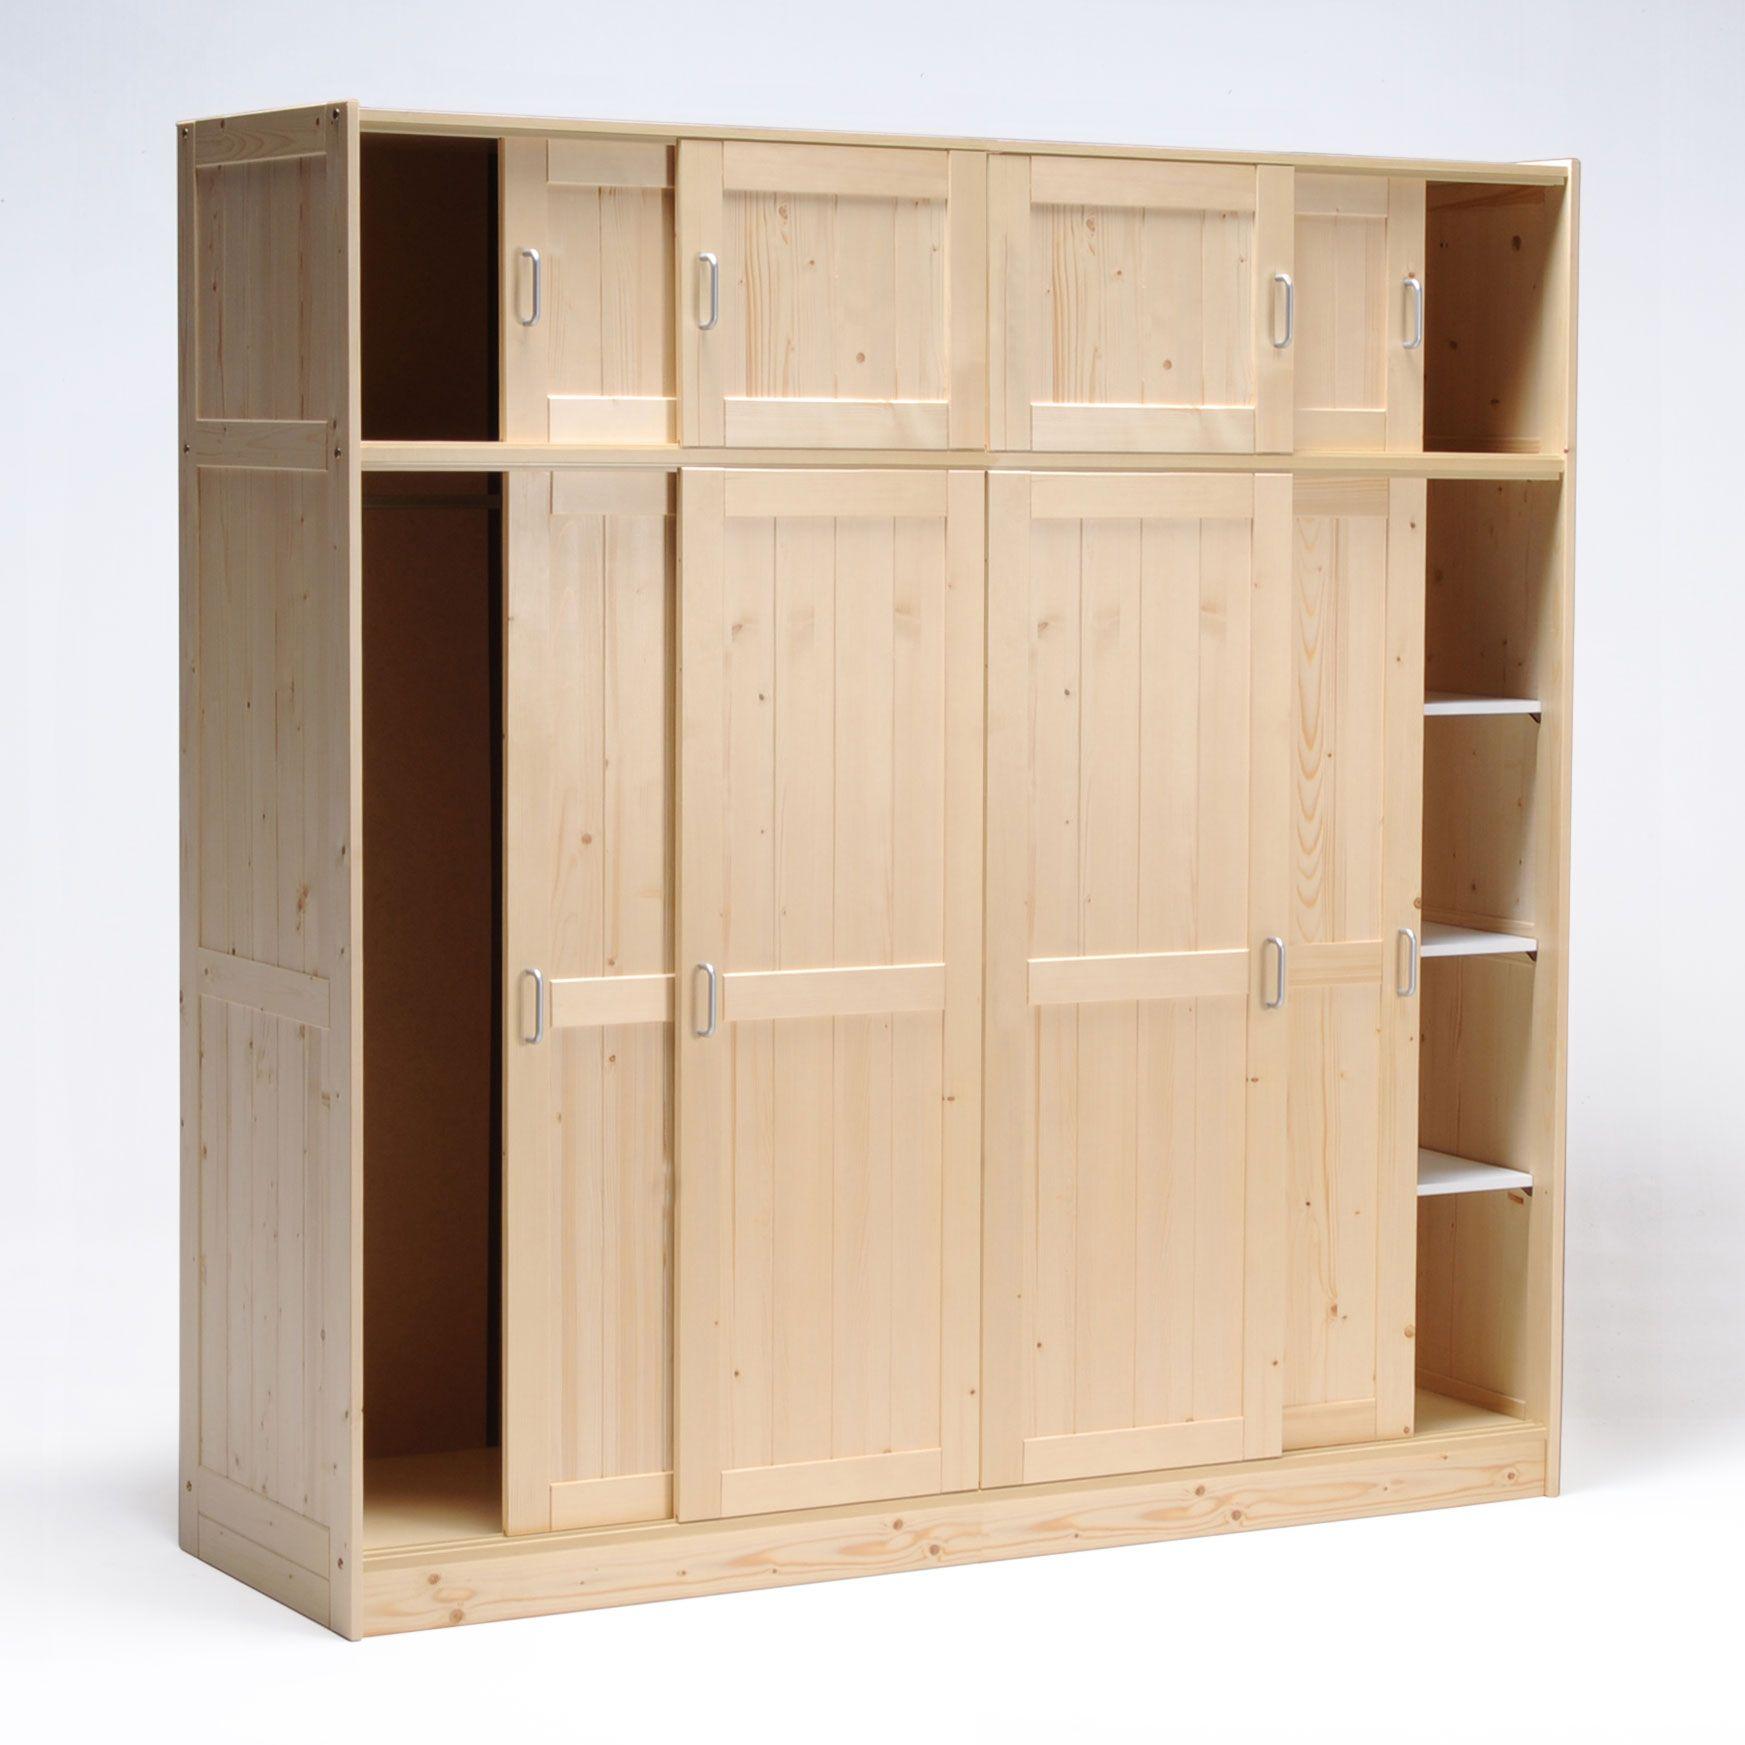 armoire 4x4 portes coulissantes en bois l200xp57xh208cm. Black Bedroom Furniture Sets. Home Design Ideas